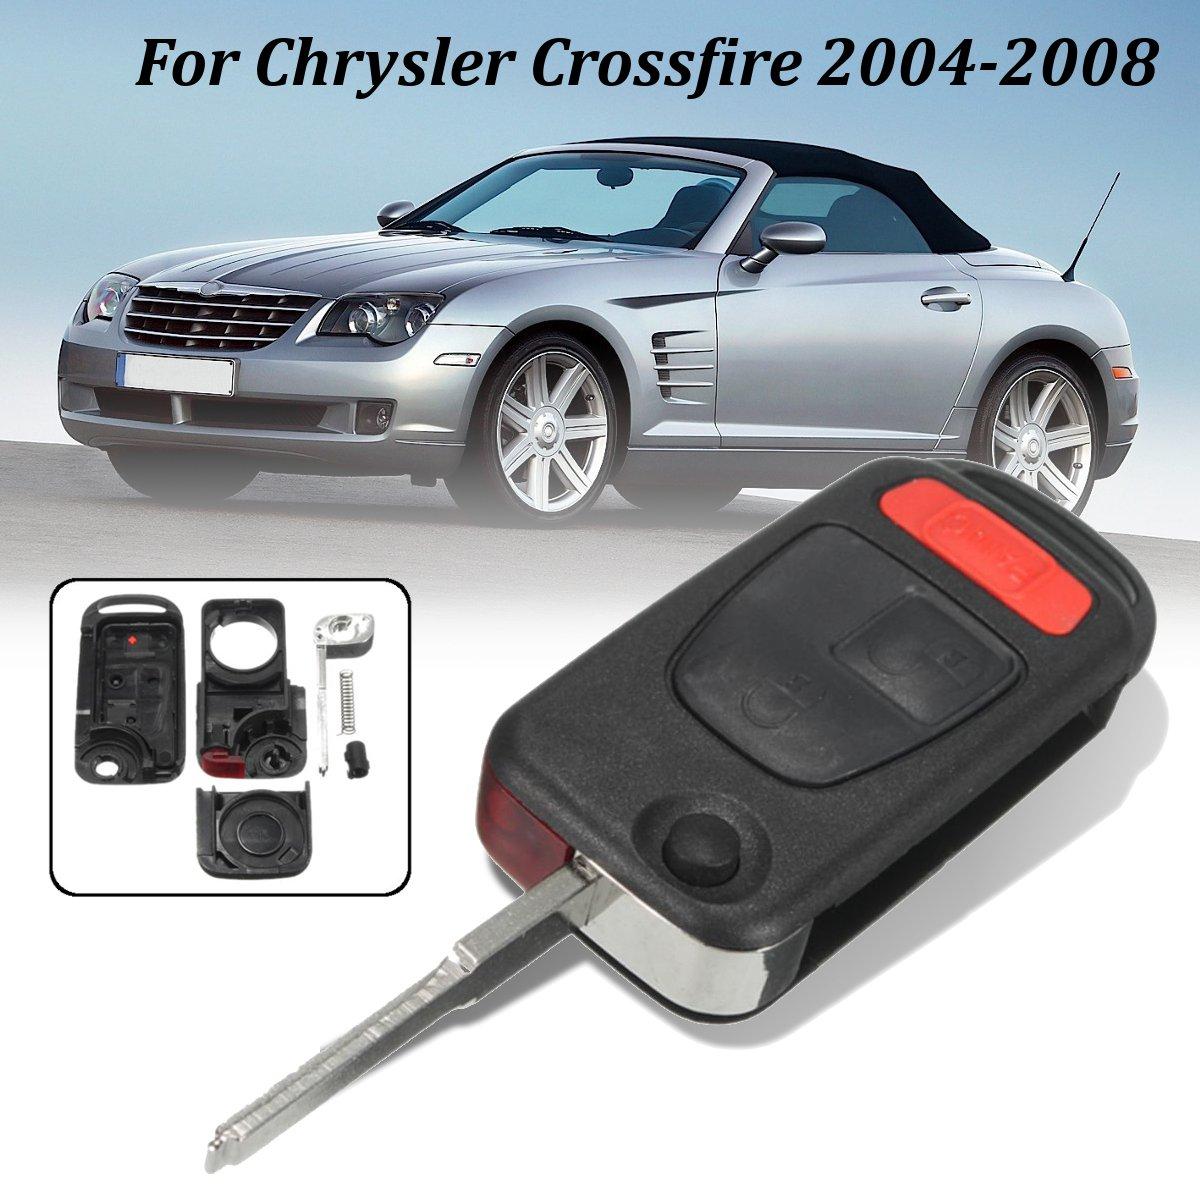 3 botones Flip control remoto plegable cubierta de la caja del coche Fob Key para Chrysler Crossfire 2004-2008 para Benz SLK32 para AMG